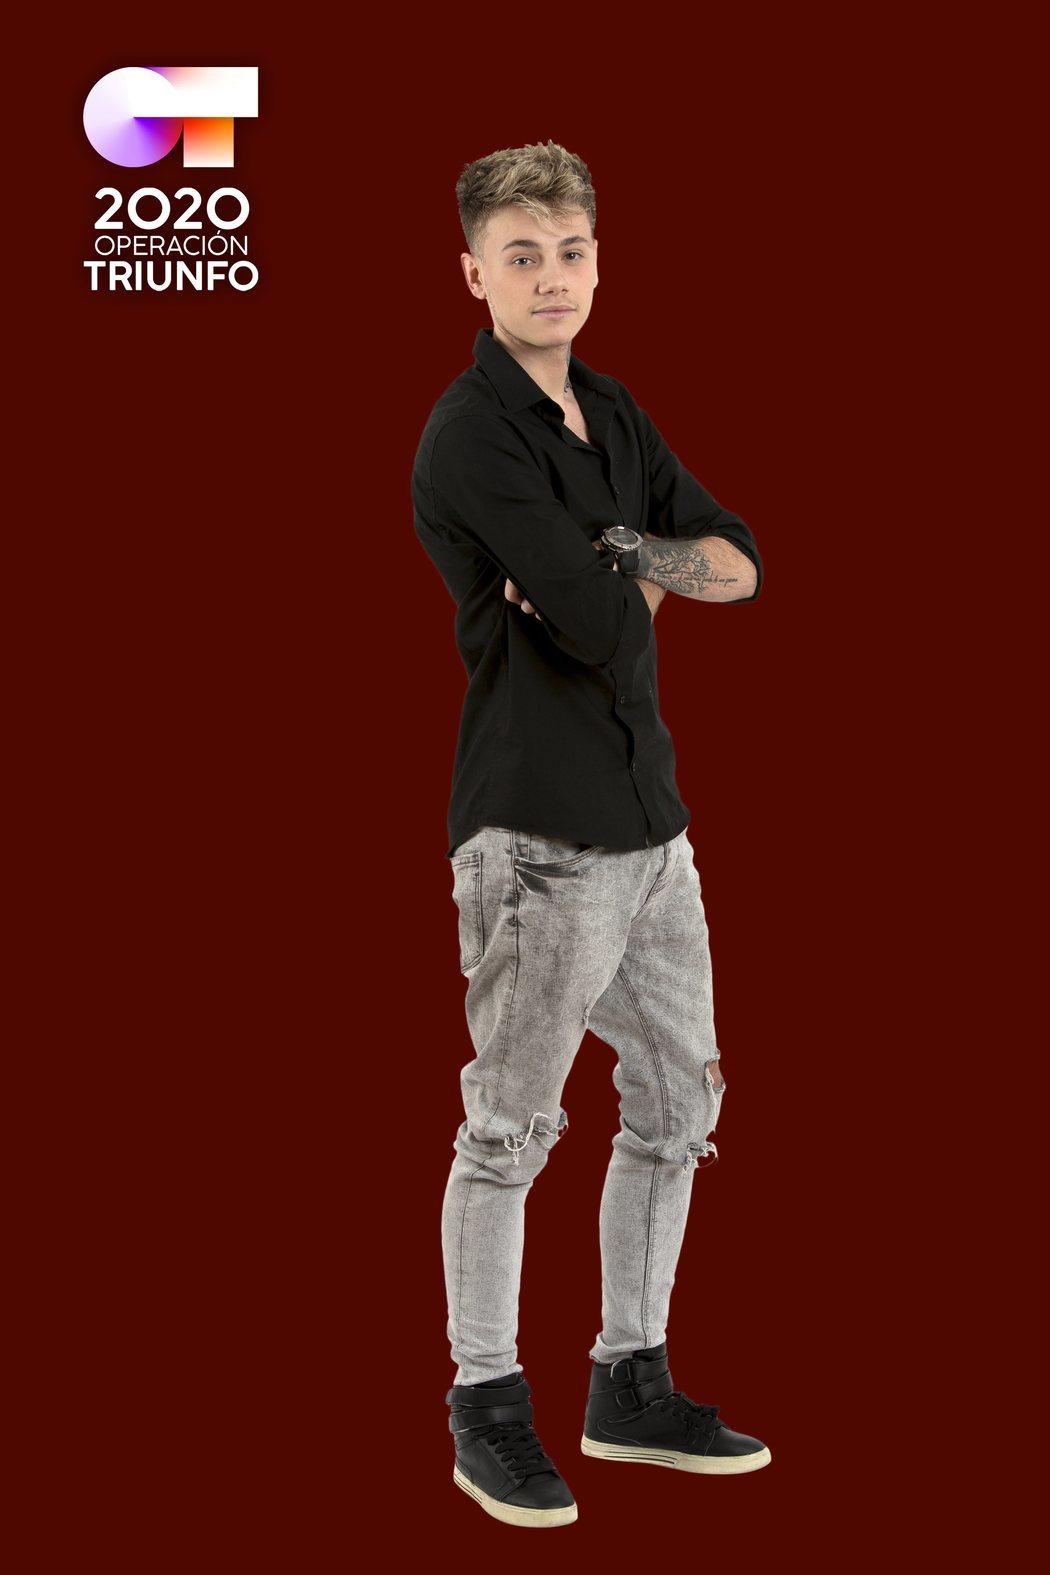 Posado de Hugo Cobo, concursante de 'OT 2020'